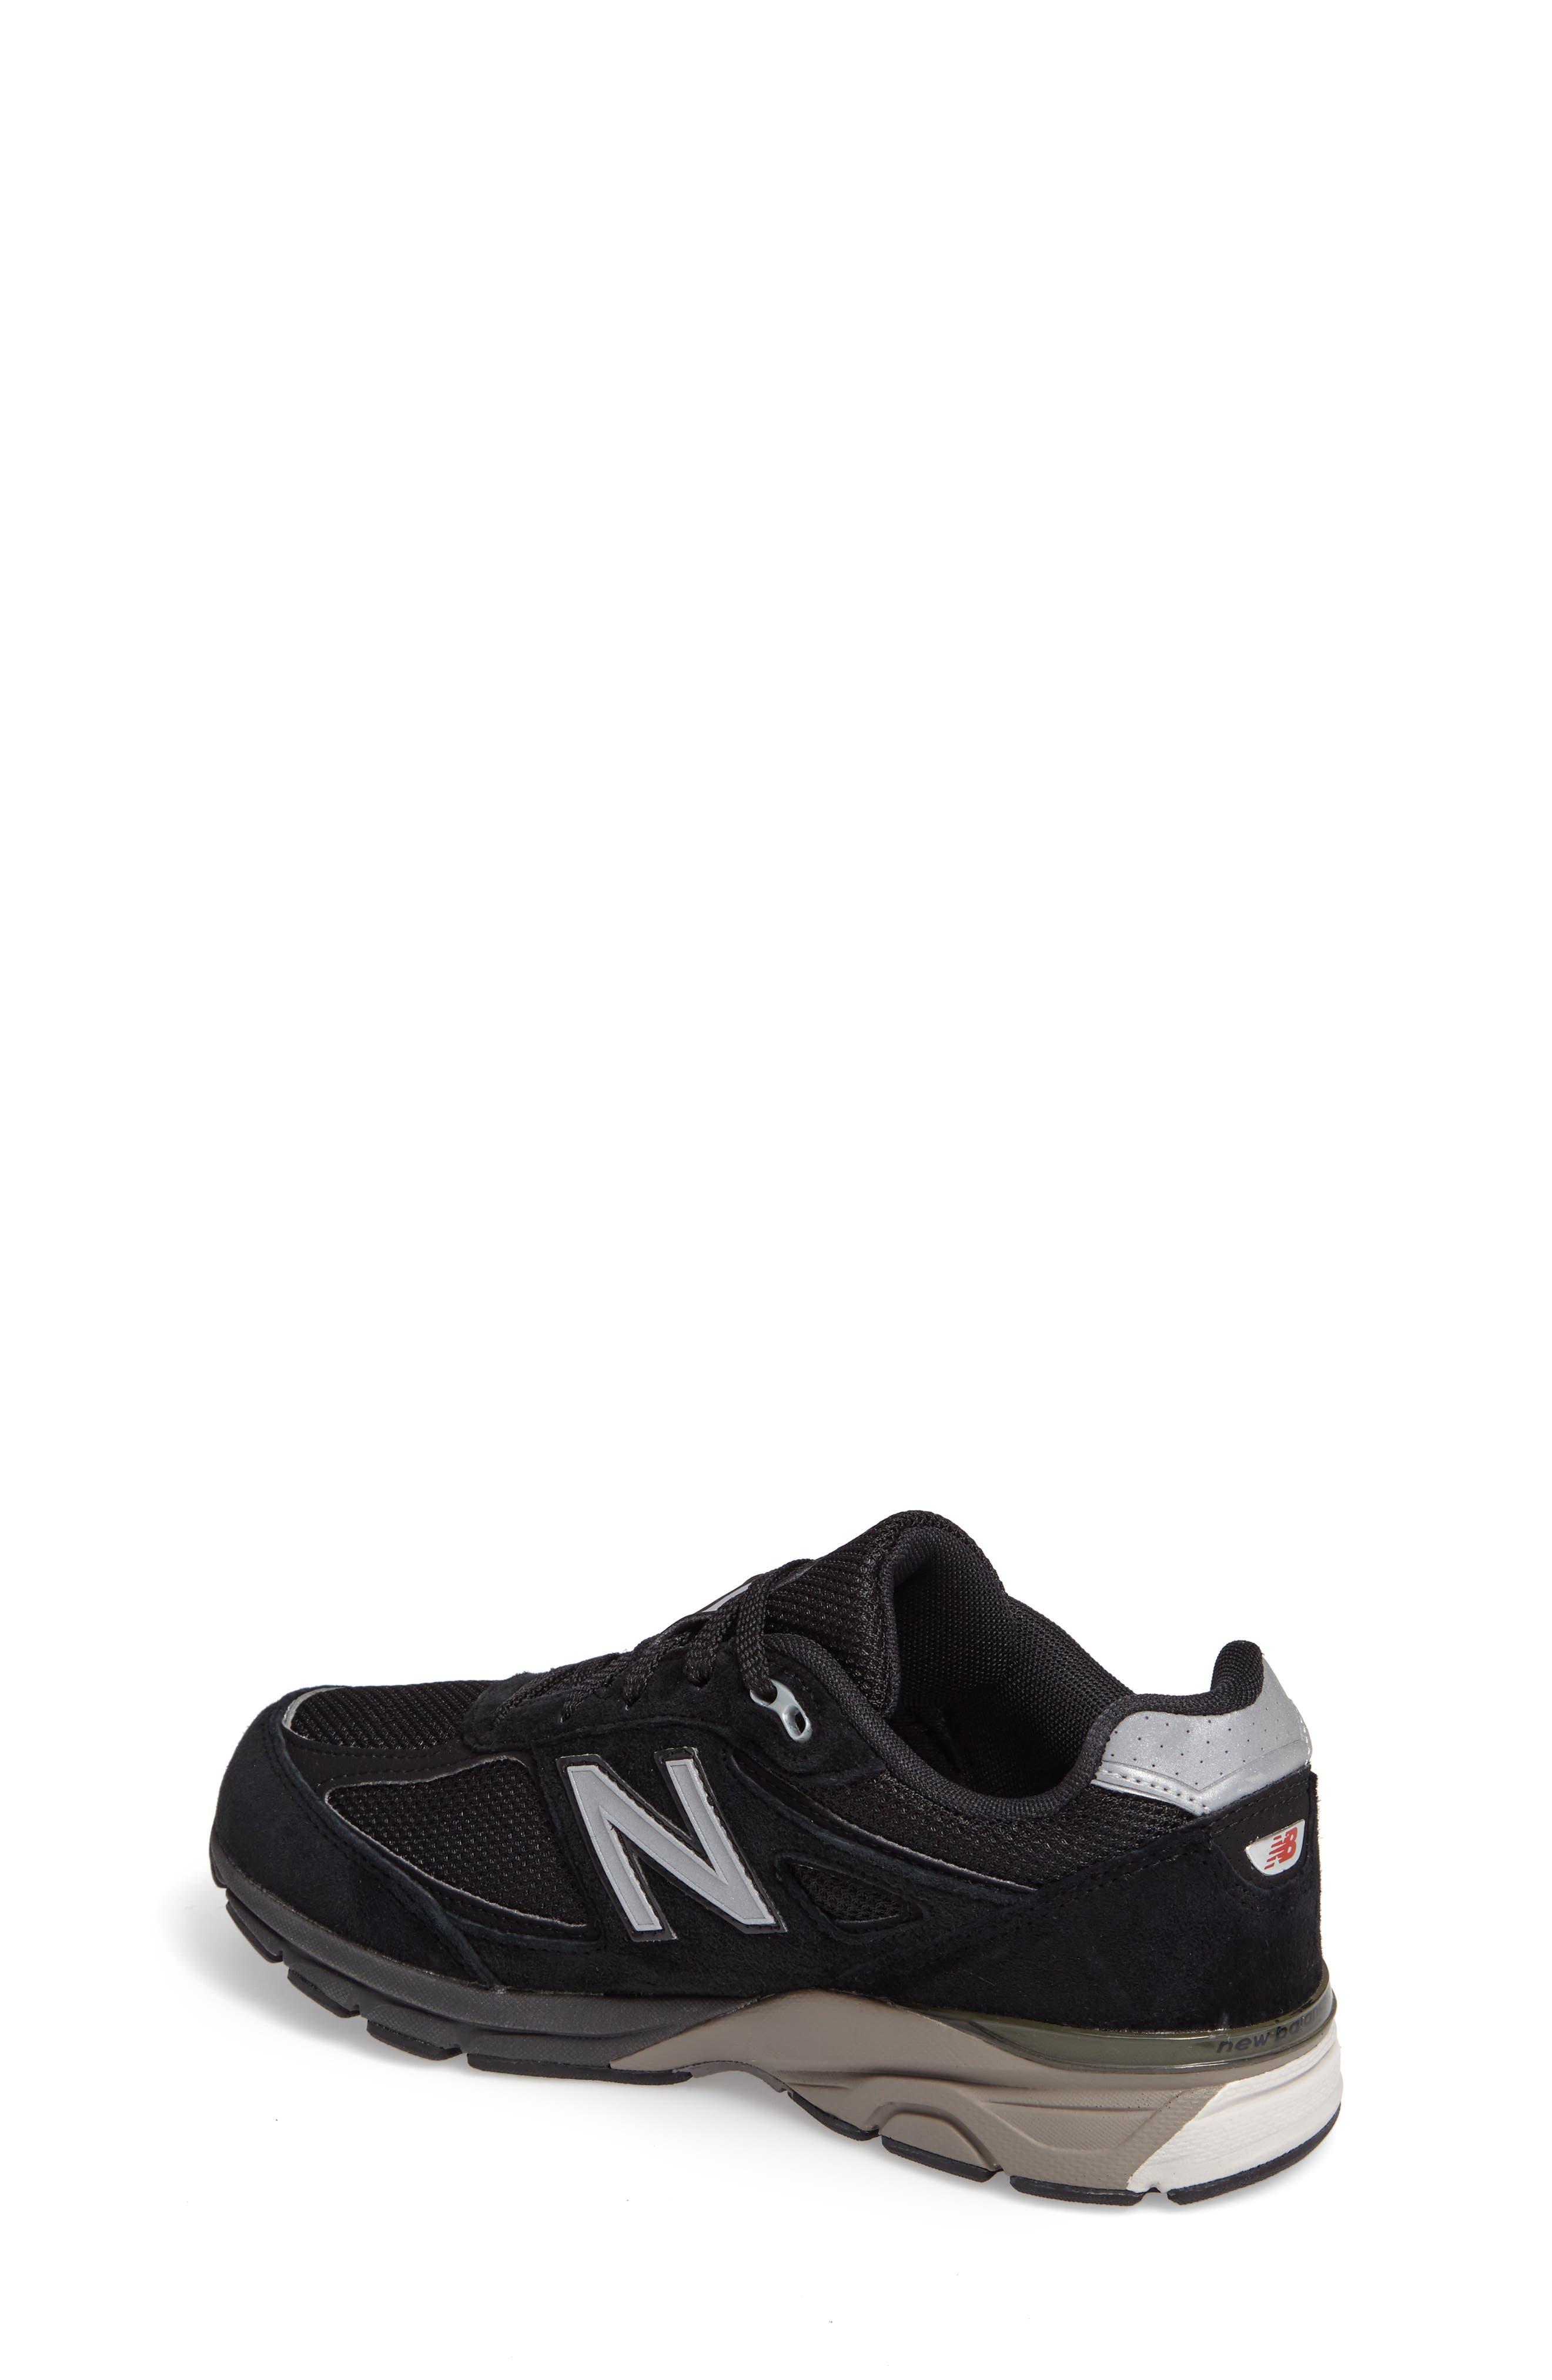 990v4 Sneaker,                             Alternate thumbnail 2, color,                             001